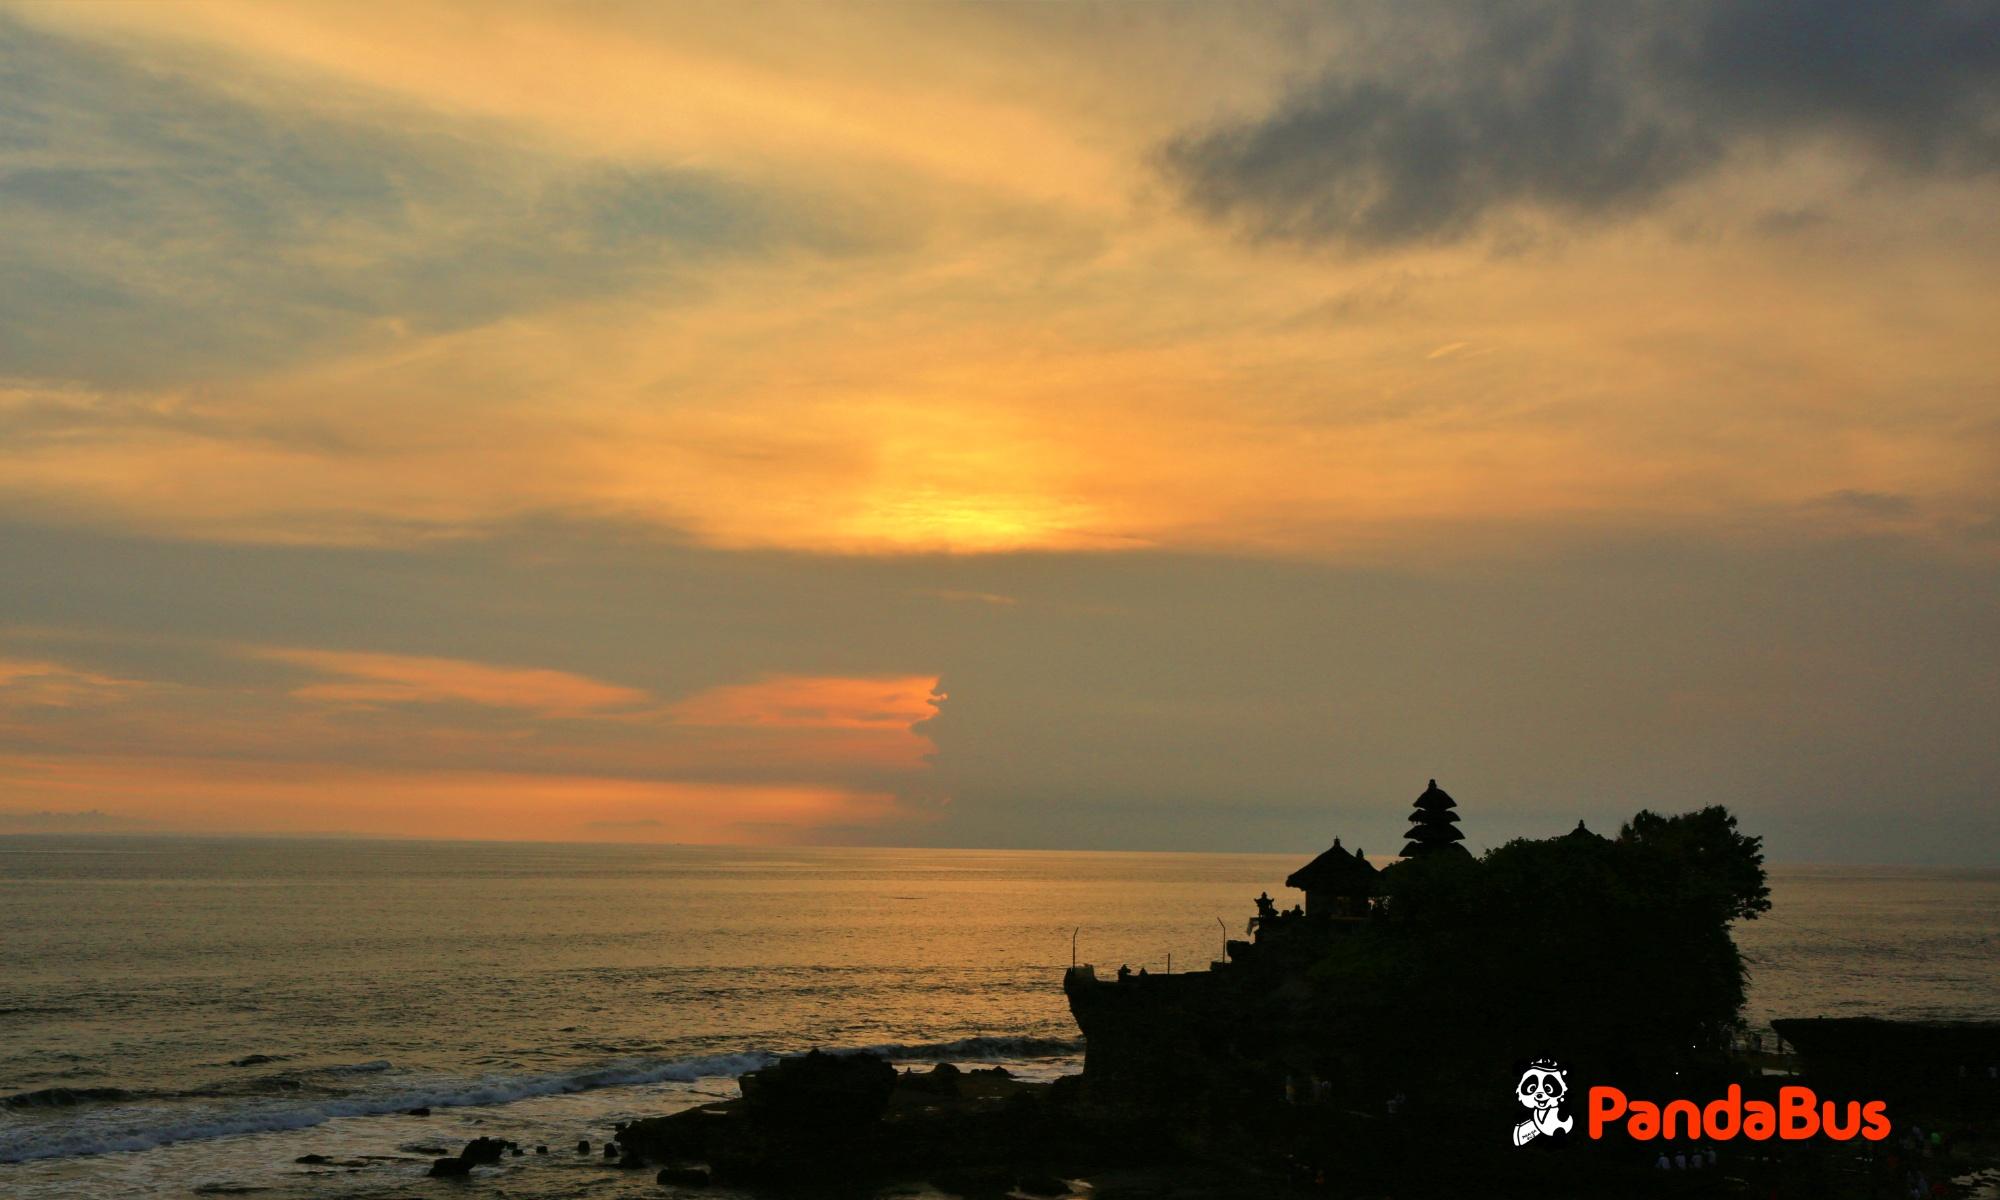 神秘的なシルエットが夕日に映える寺院「タナロット寺院」と夕日鑑賞